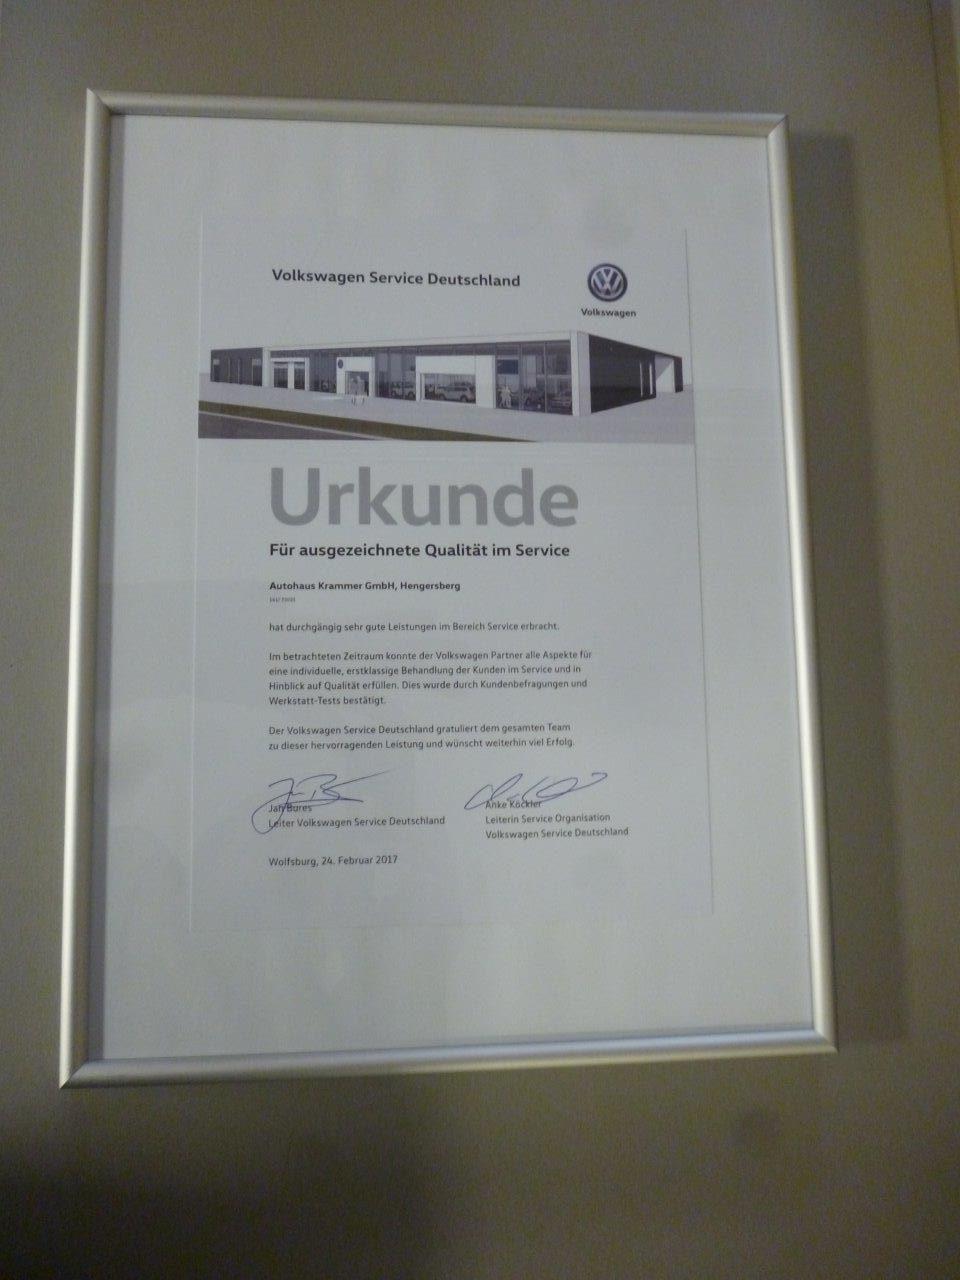 Urkunde für ausgezeichnete Qualität im Service